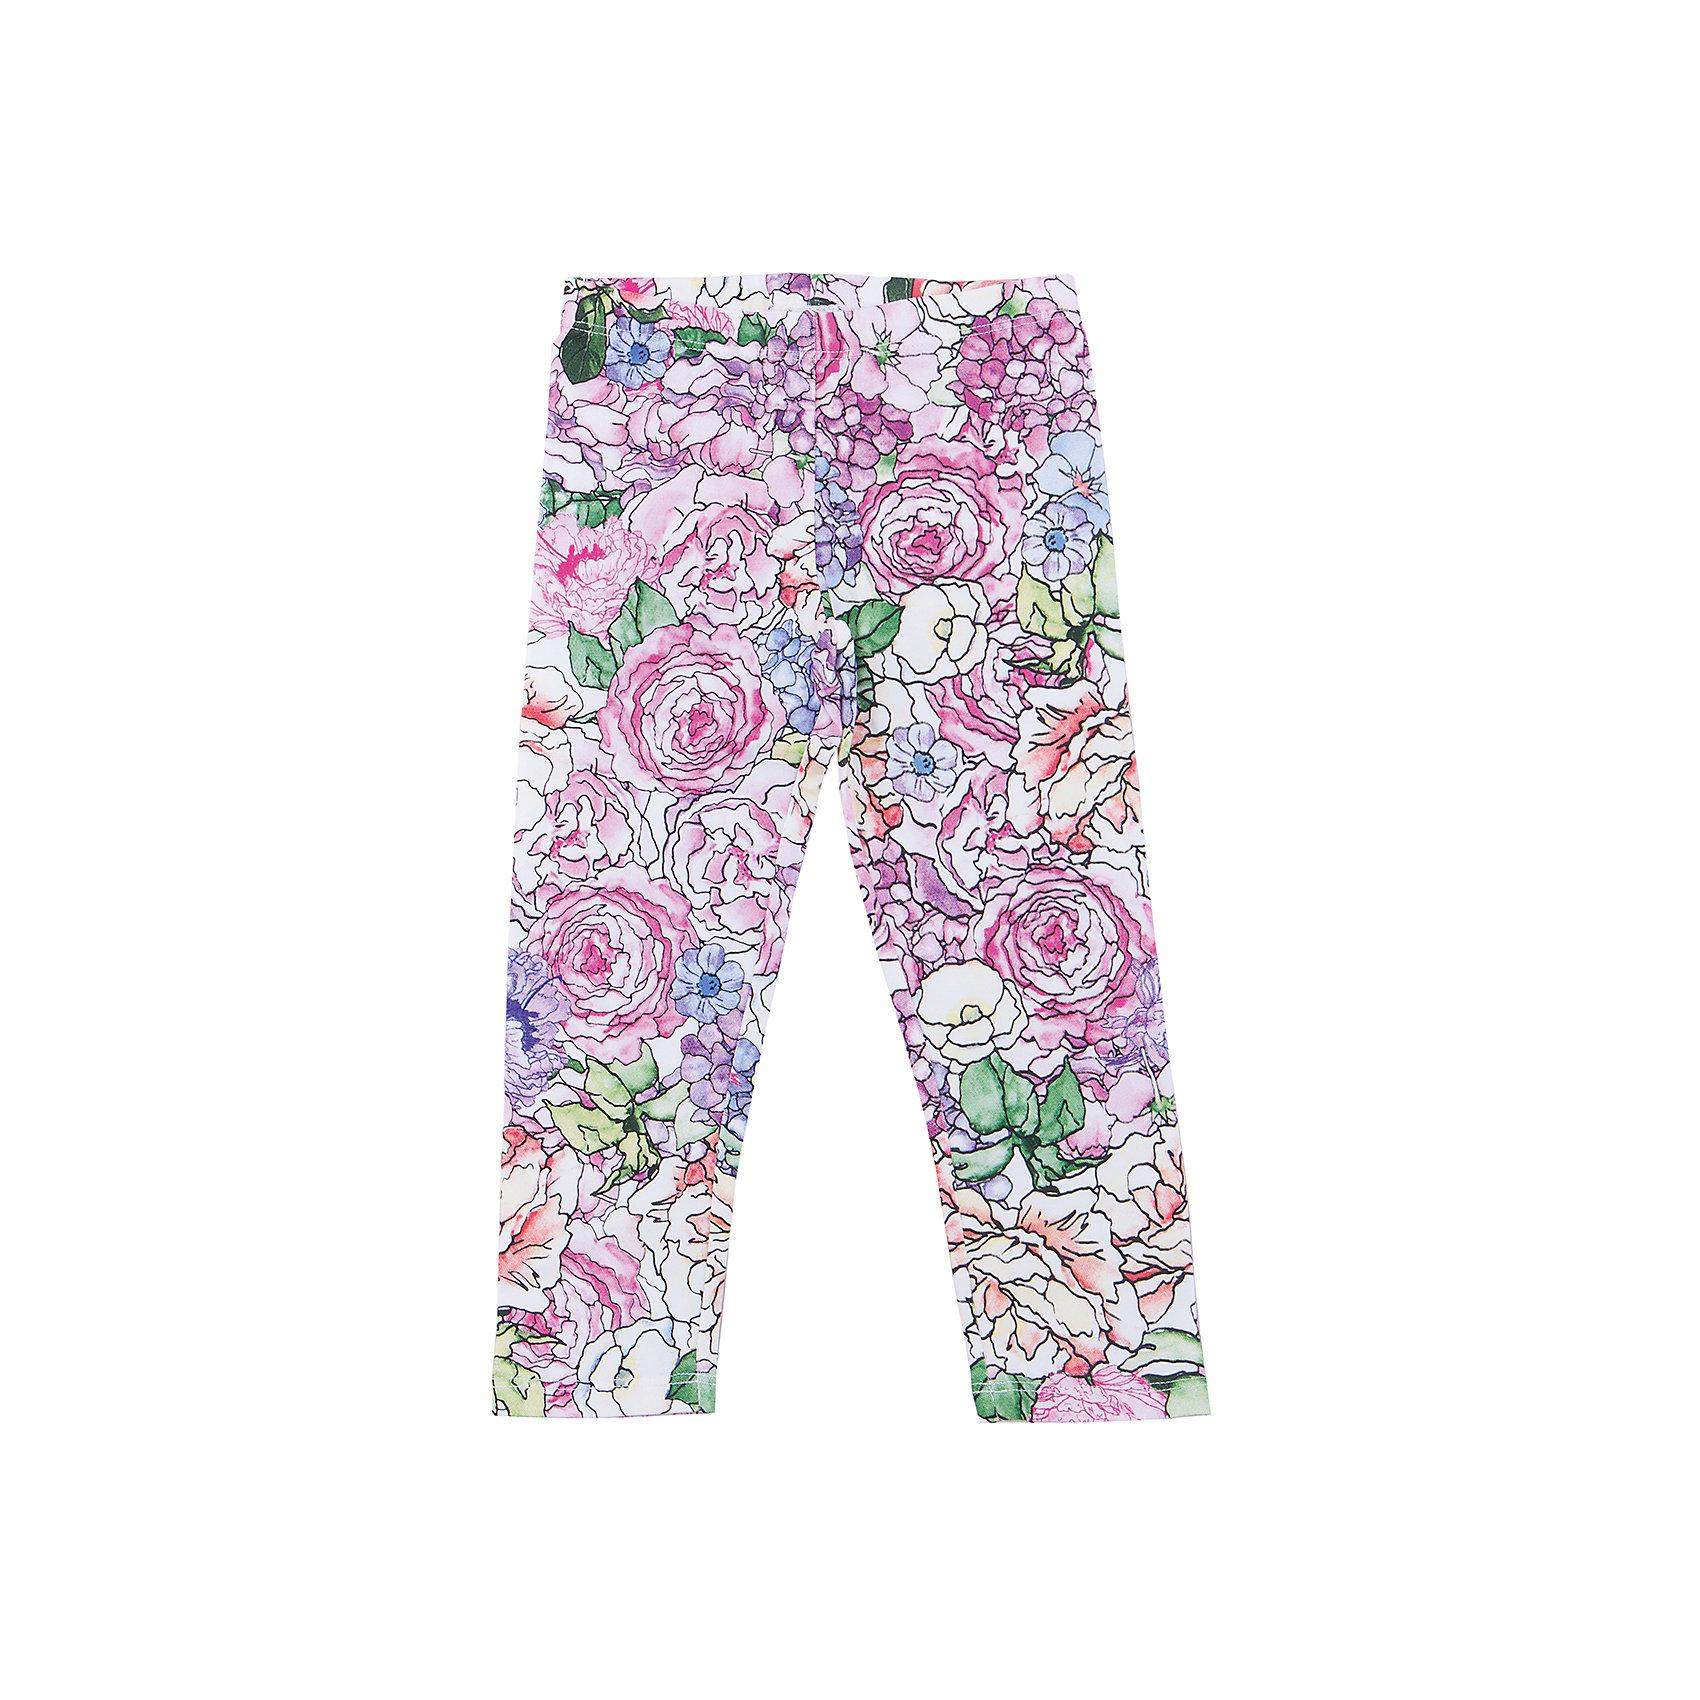 Брюки для девочки SELAБрюки<br>Характеристики товара:<br><br>• цвет: розовый<br>• состав: 95% хлопок, 5% эластан<br>• эластичный материал<br>• принт<br>• пояс: мягкая резинка <br>• коллекция весна-лето 2017<br>• страна бренда: Российская Федерация<br><br>Вещи из новой коллекции SELA продолжают радовать удобством! Симпатичные брюки для девочки помогут разнообразить гардероб и обеспечить комфорт. Они отлично сочетаются с майками, футболками, куртками. В составе материала - натуральный хлопок.<br><br>Одежда, обувь и аксессуары от российского бренда SELA не зря пользуются большой популярностью у детей и взрослых! Модели этой марки - стильные и удобные, цена при этом неизменно остается доступной. Для их производства используются только безопасные, качественные материалы и фурнитура. Новая коллекция поддерживает хорошие традиции бренда! <br><br>Брюки для девочки от популярного бренда SELA (СЕЛА) можно купить в нашем интернет-магазине.<br><br>Ширина мм: 215<br>Глубина мм: 88<br>Высота мм: 191<br>Вес г: 336<br>Цвет: розовый<br>Возраст от месяцев: 18<br>Возраст до месяцев: 24<br>Пол: Женский<br>Возраст: Детский<br>Размер: 92,116,110,104,98<br>SKU: 5302401